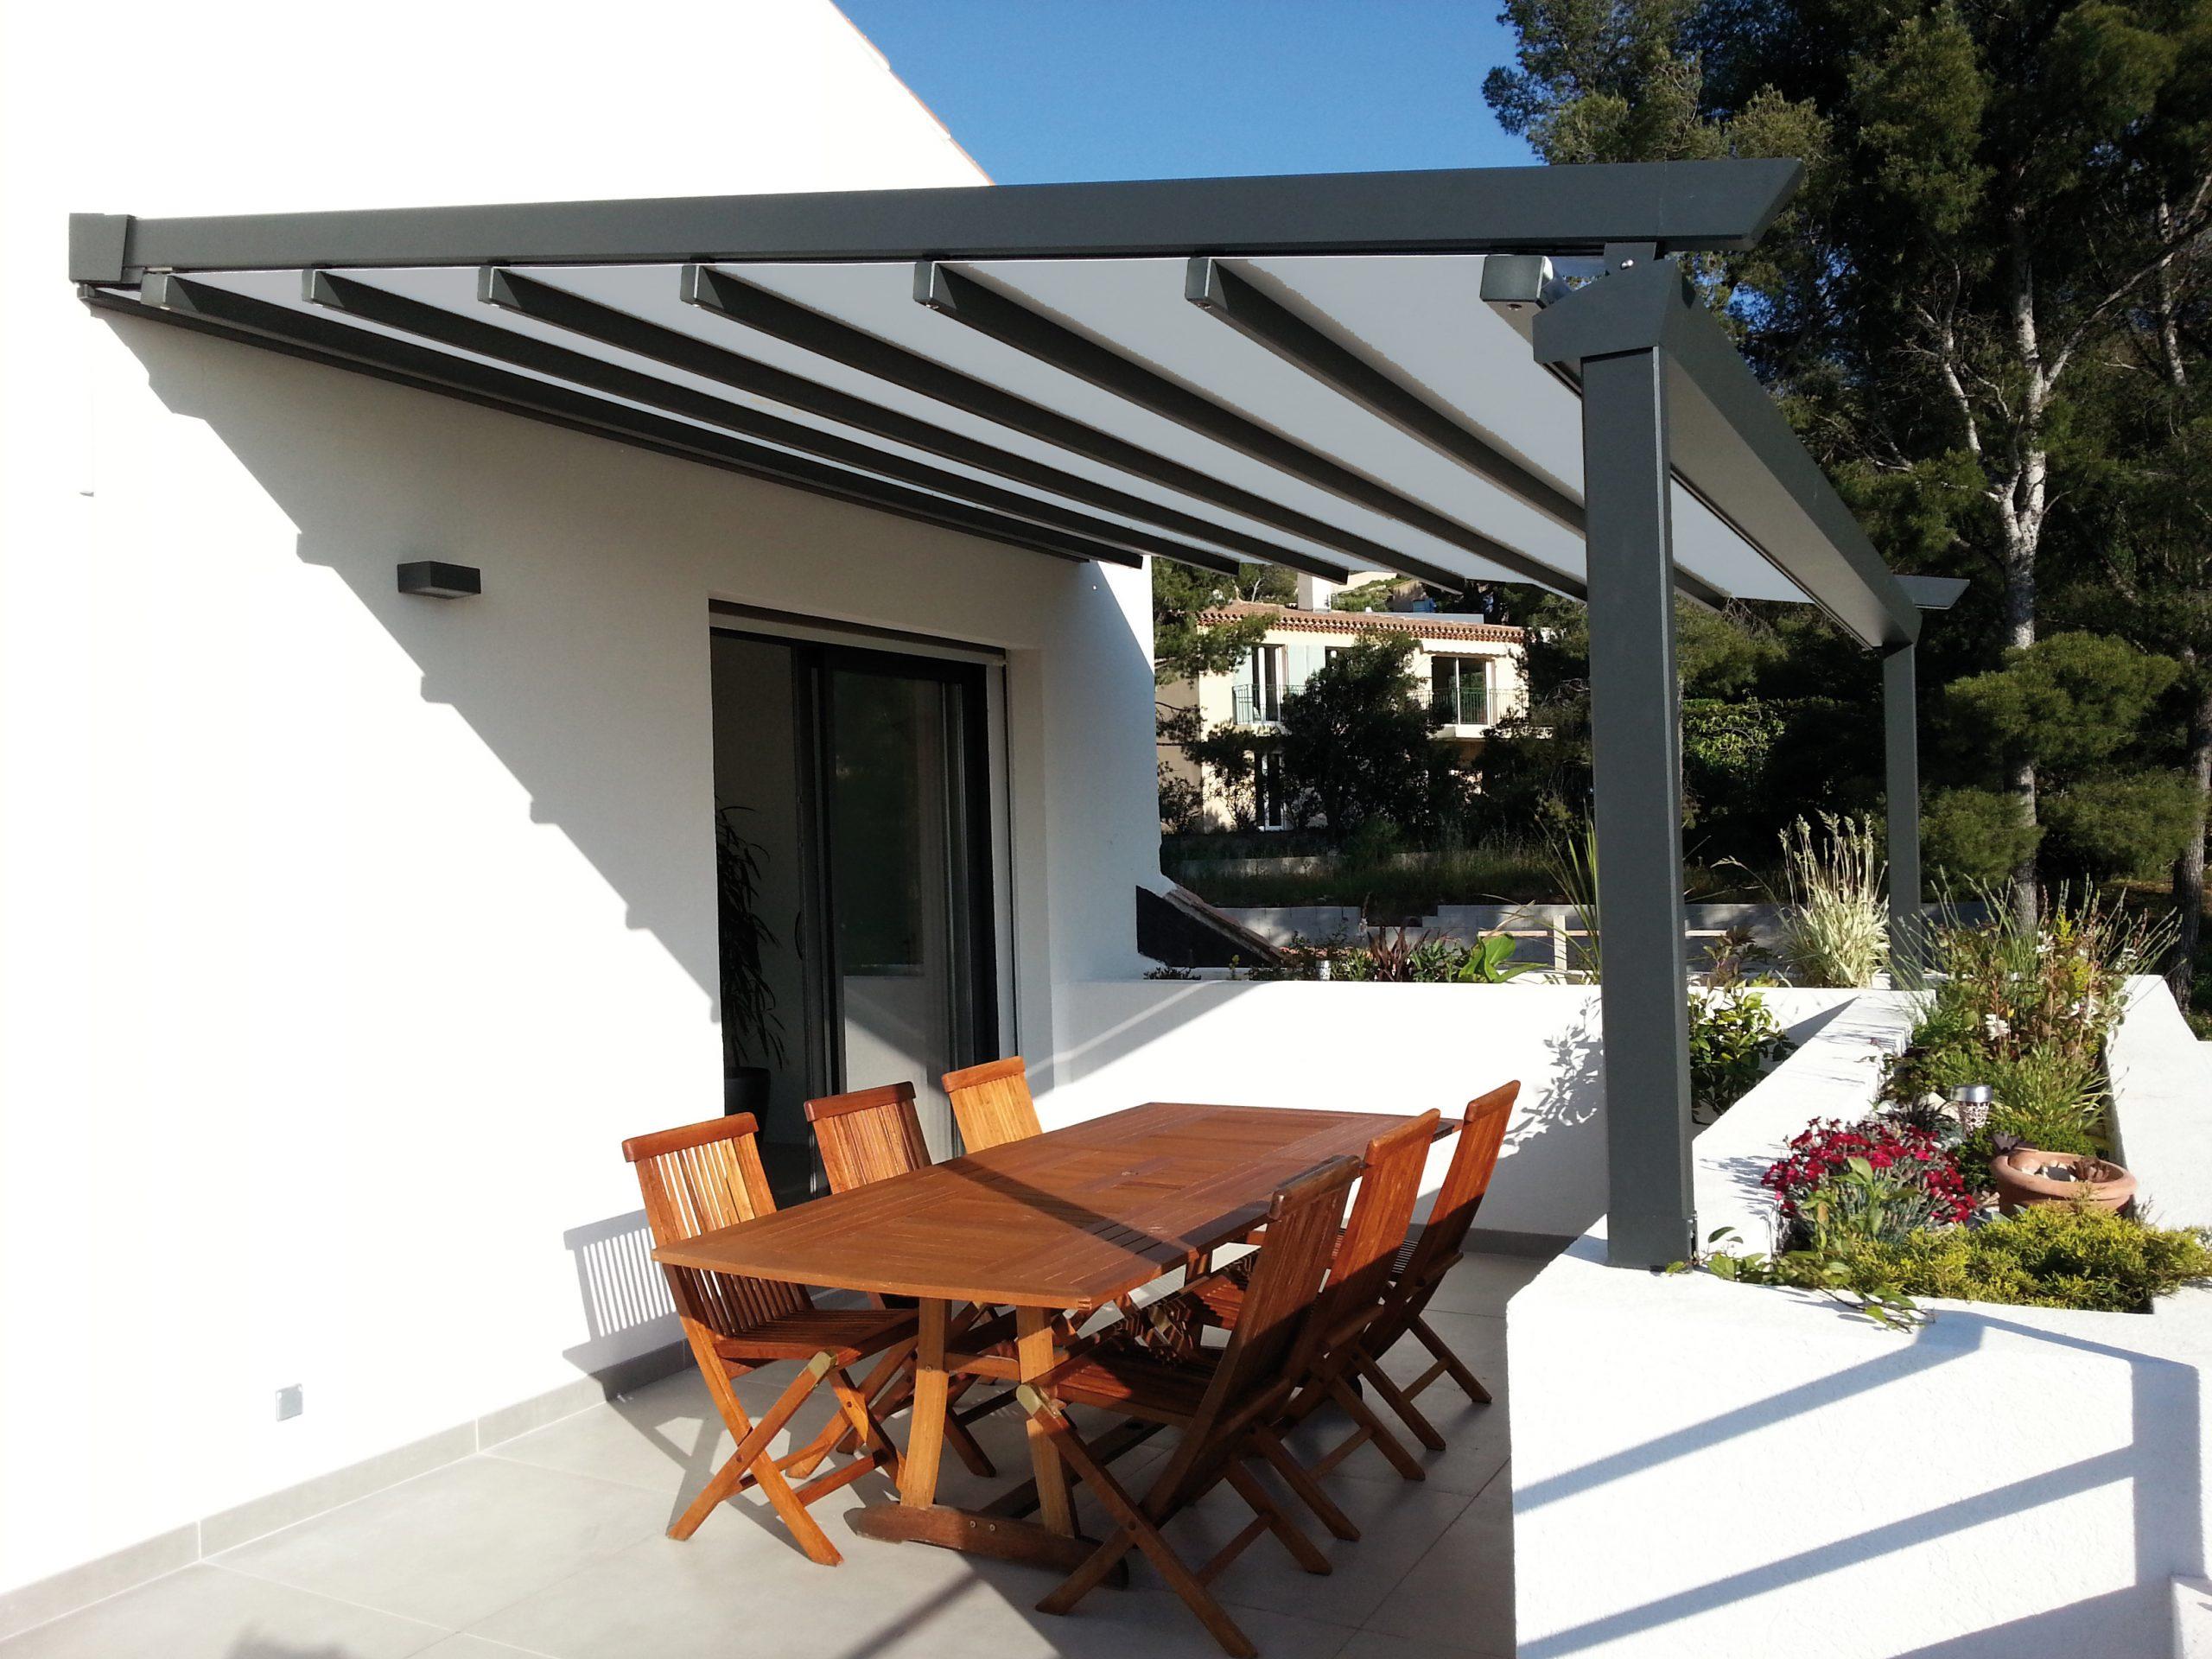 Préau, Pergolas Couvertes, Couverture De Terrasse ... pour Plan Pergola Bois Couverte